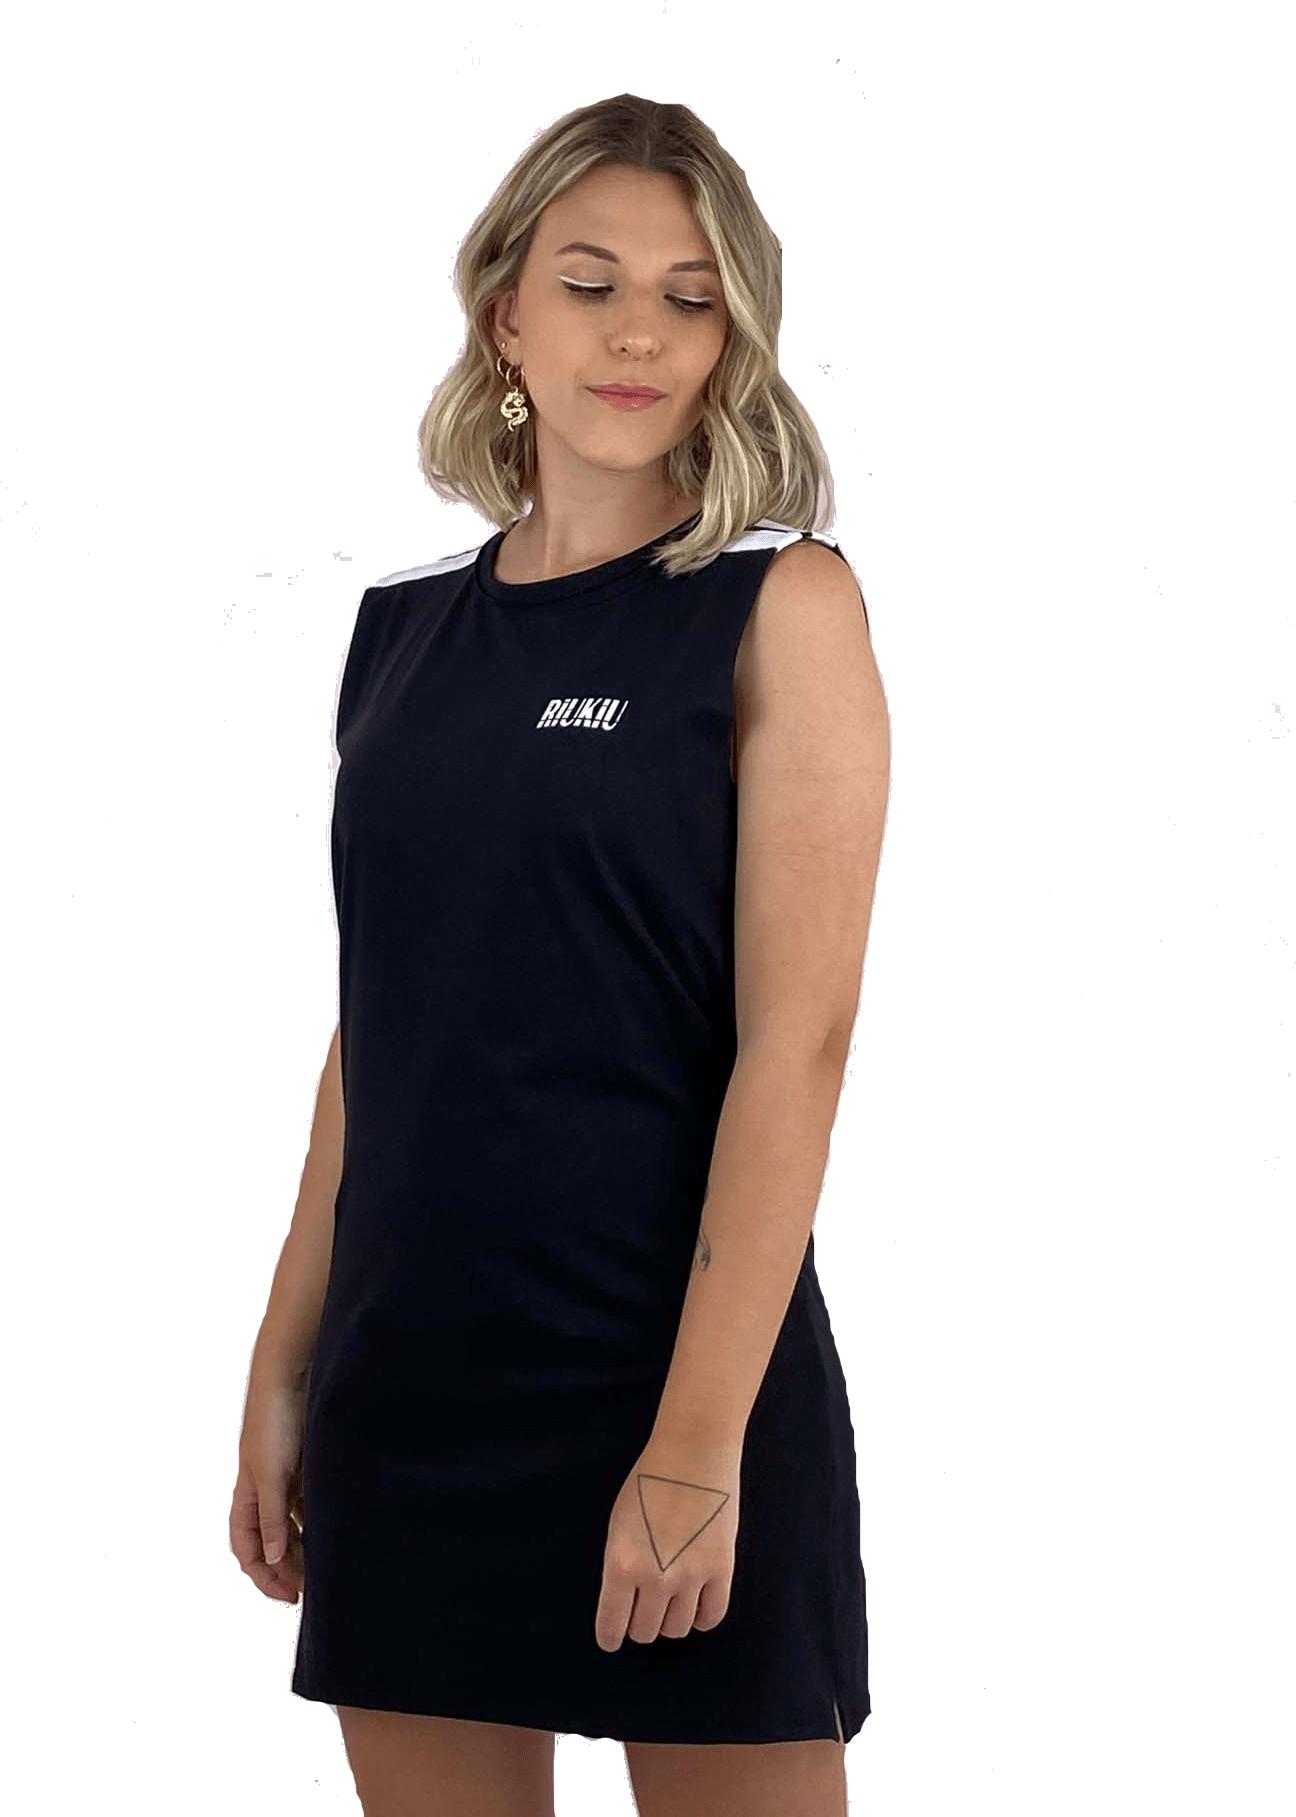 Vestido Cindy Riu Kiu Preto  - Ondas do Sul